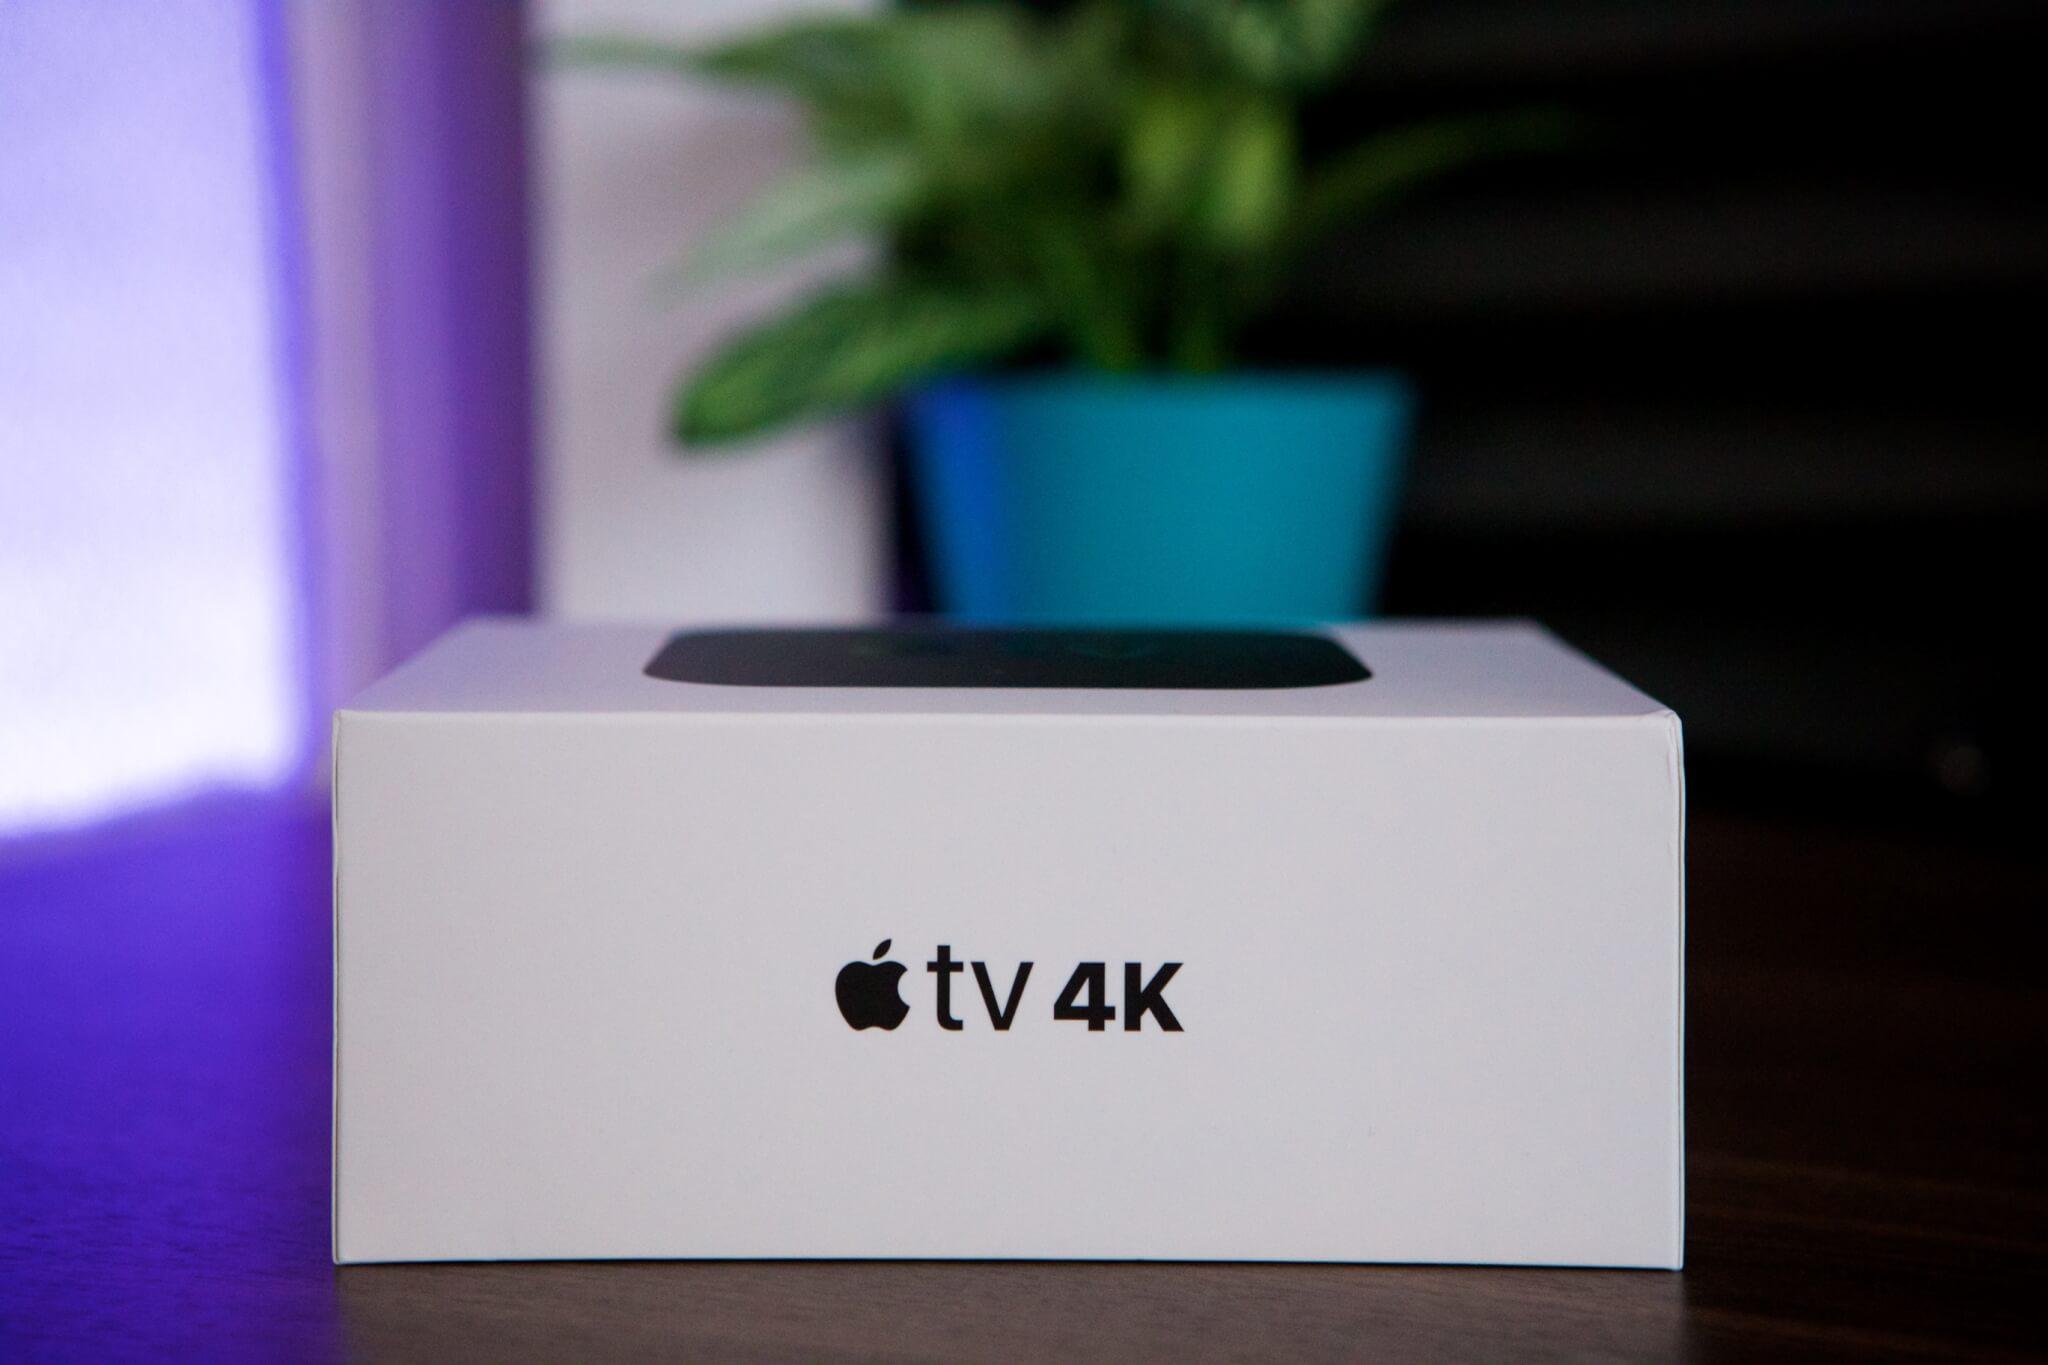 Kipróbáltuk az Apple TV 4K-t – teszt, vélemény - Szifon com